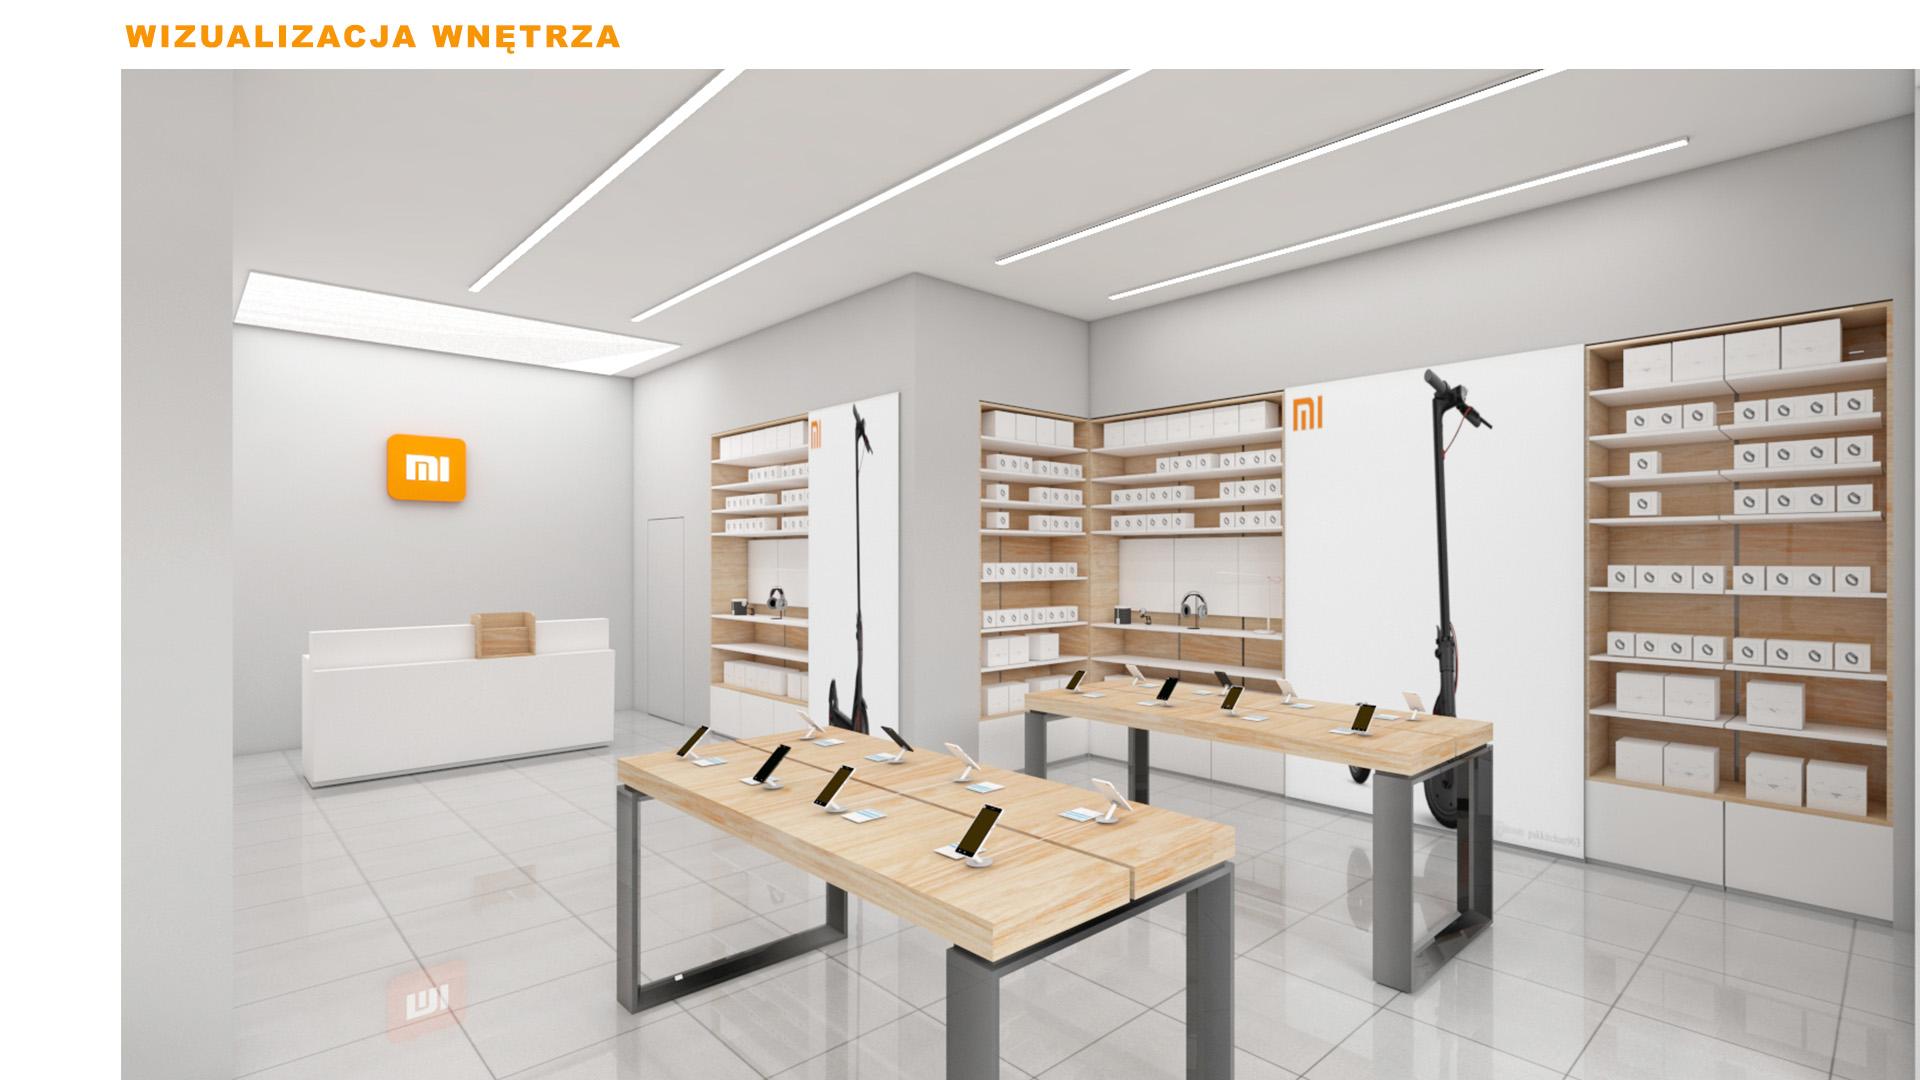 Mi-Store - Poznań - Centrum Avenida - wizualizacja wnętrza